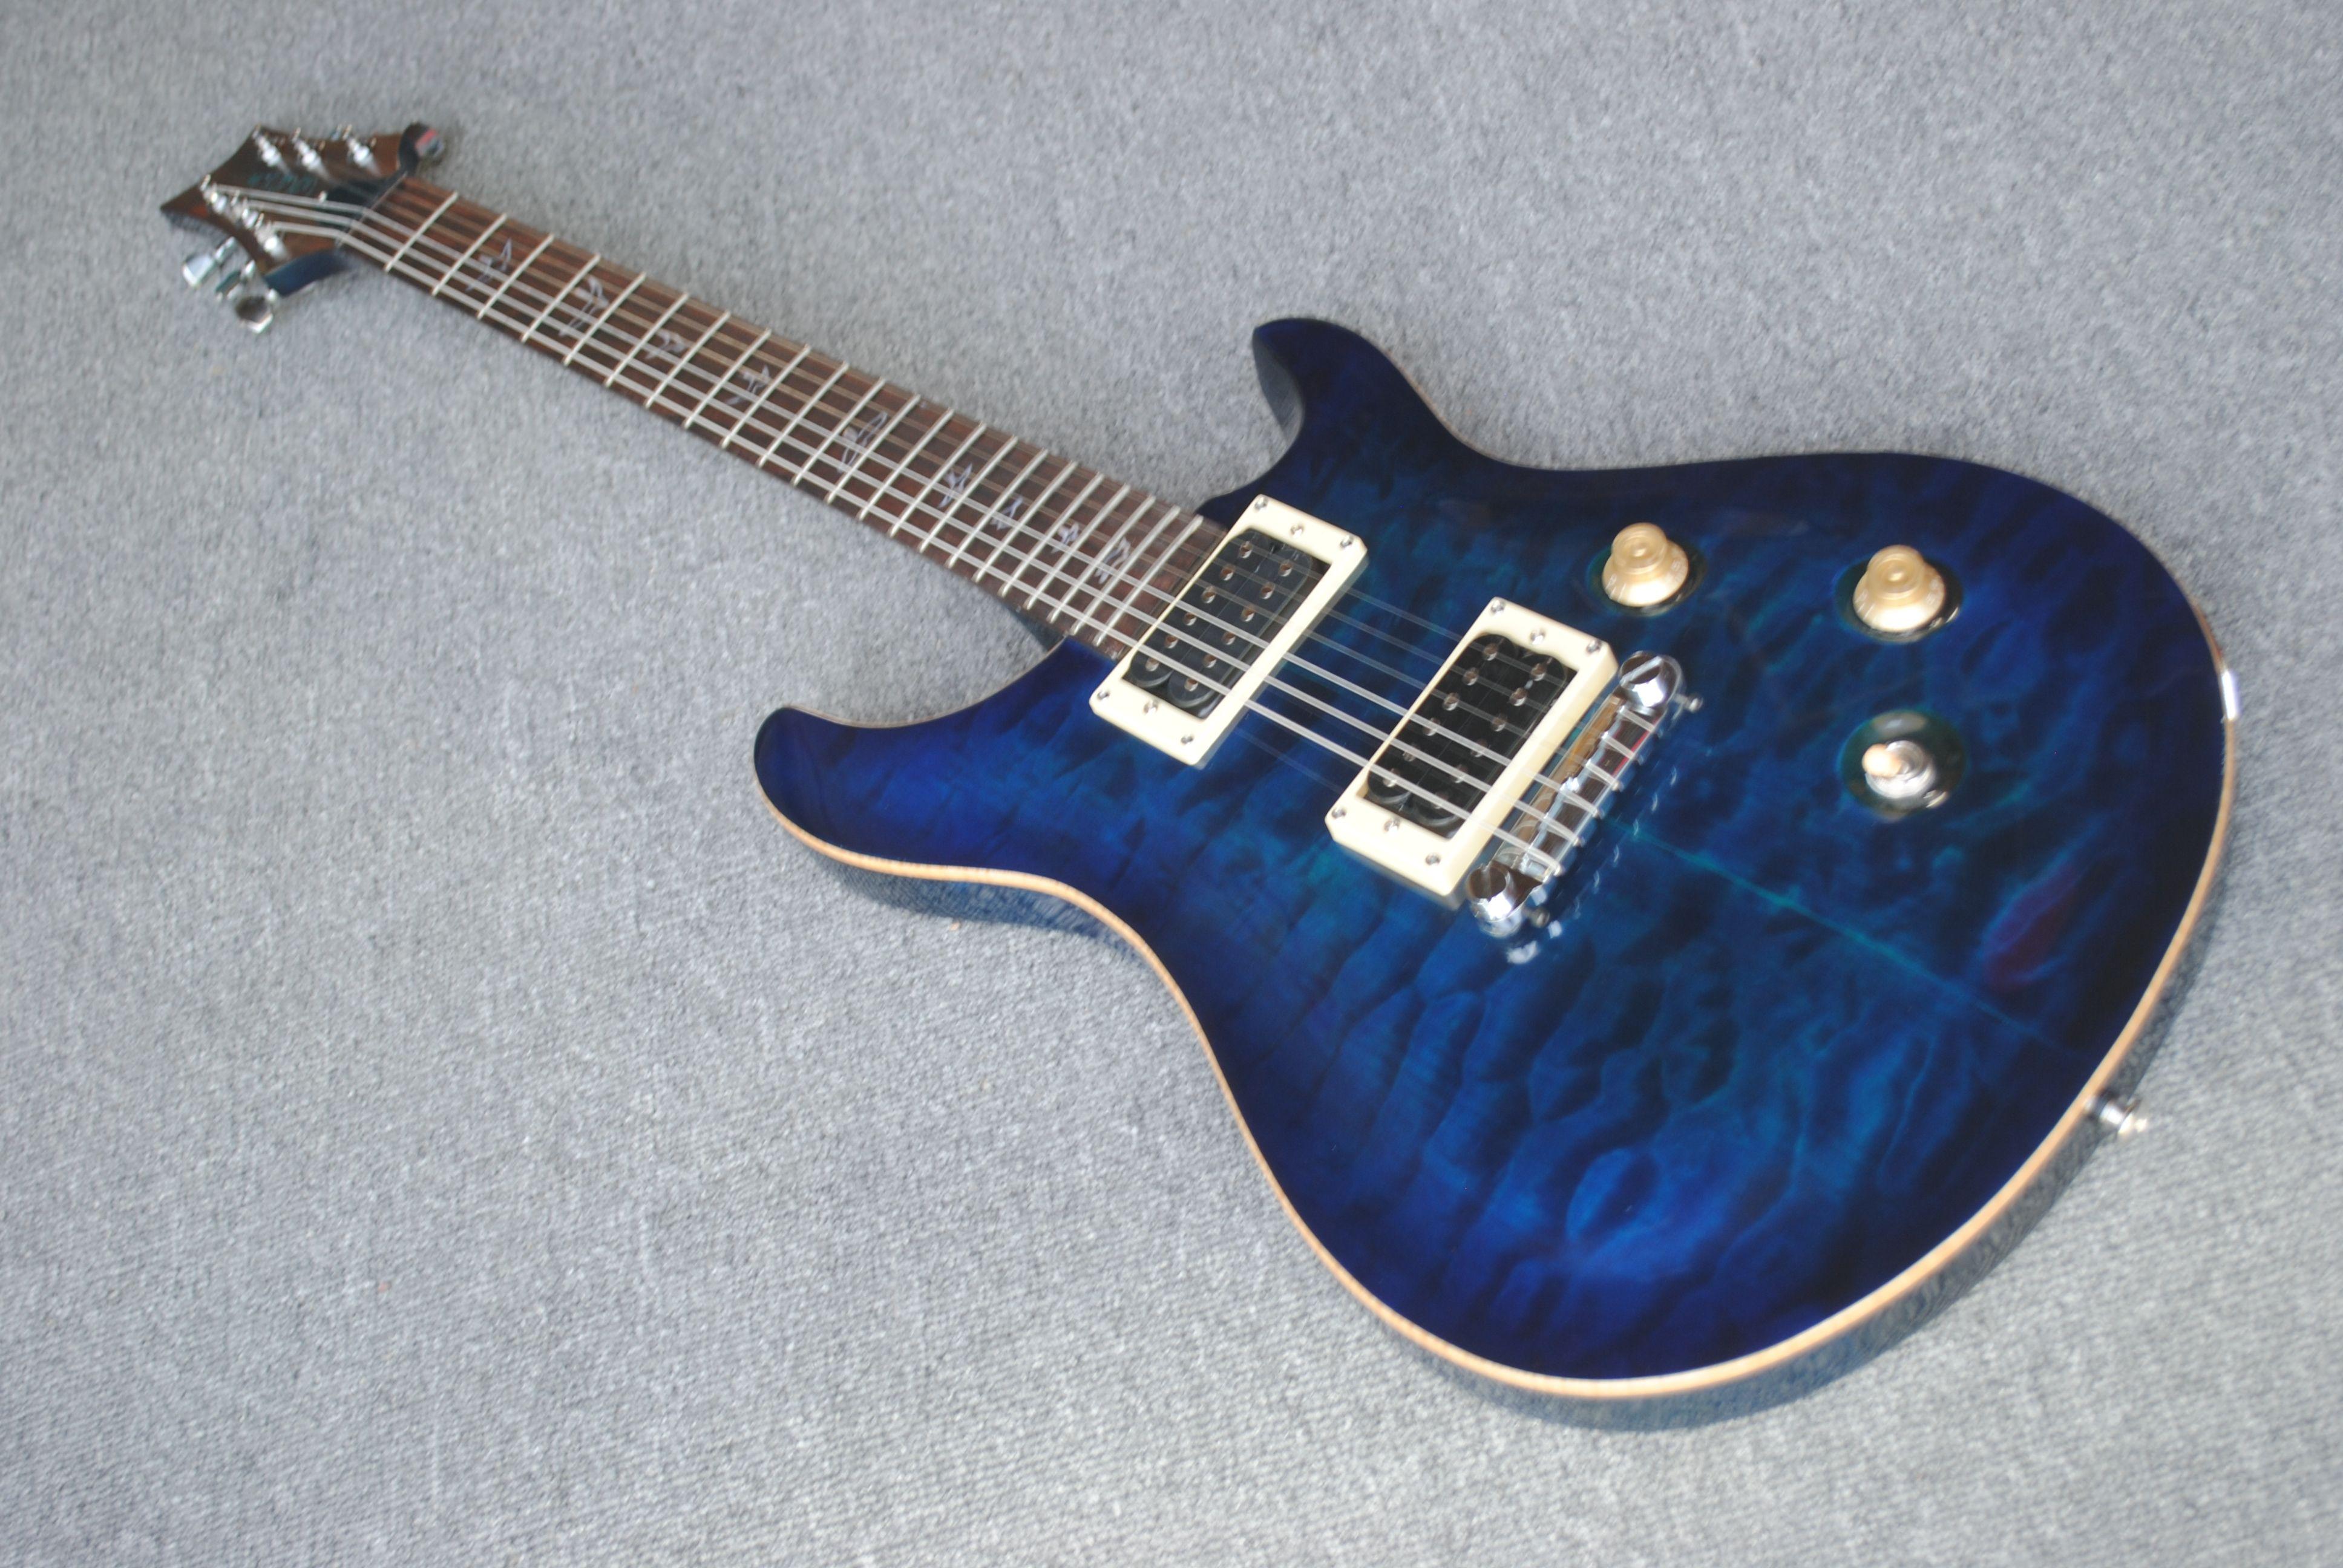 الجيتار العلاقات العامة الجيتار عالية الجودة، رائعة، حسب الطلب، سخونة غيتار جديد من 2020- 40